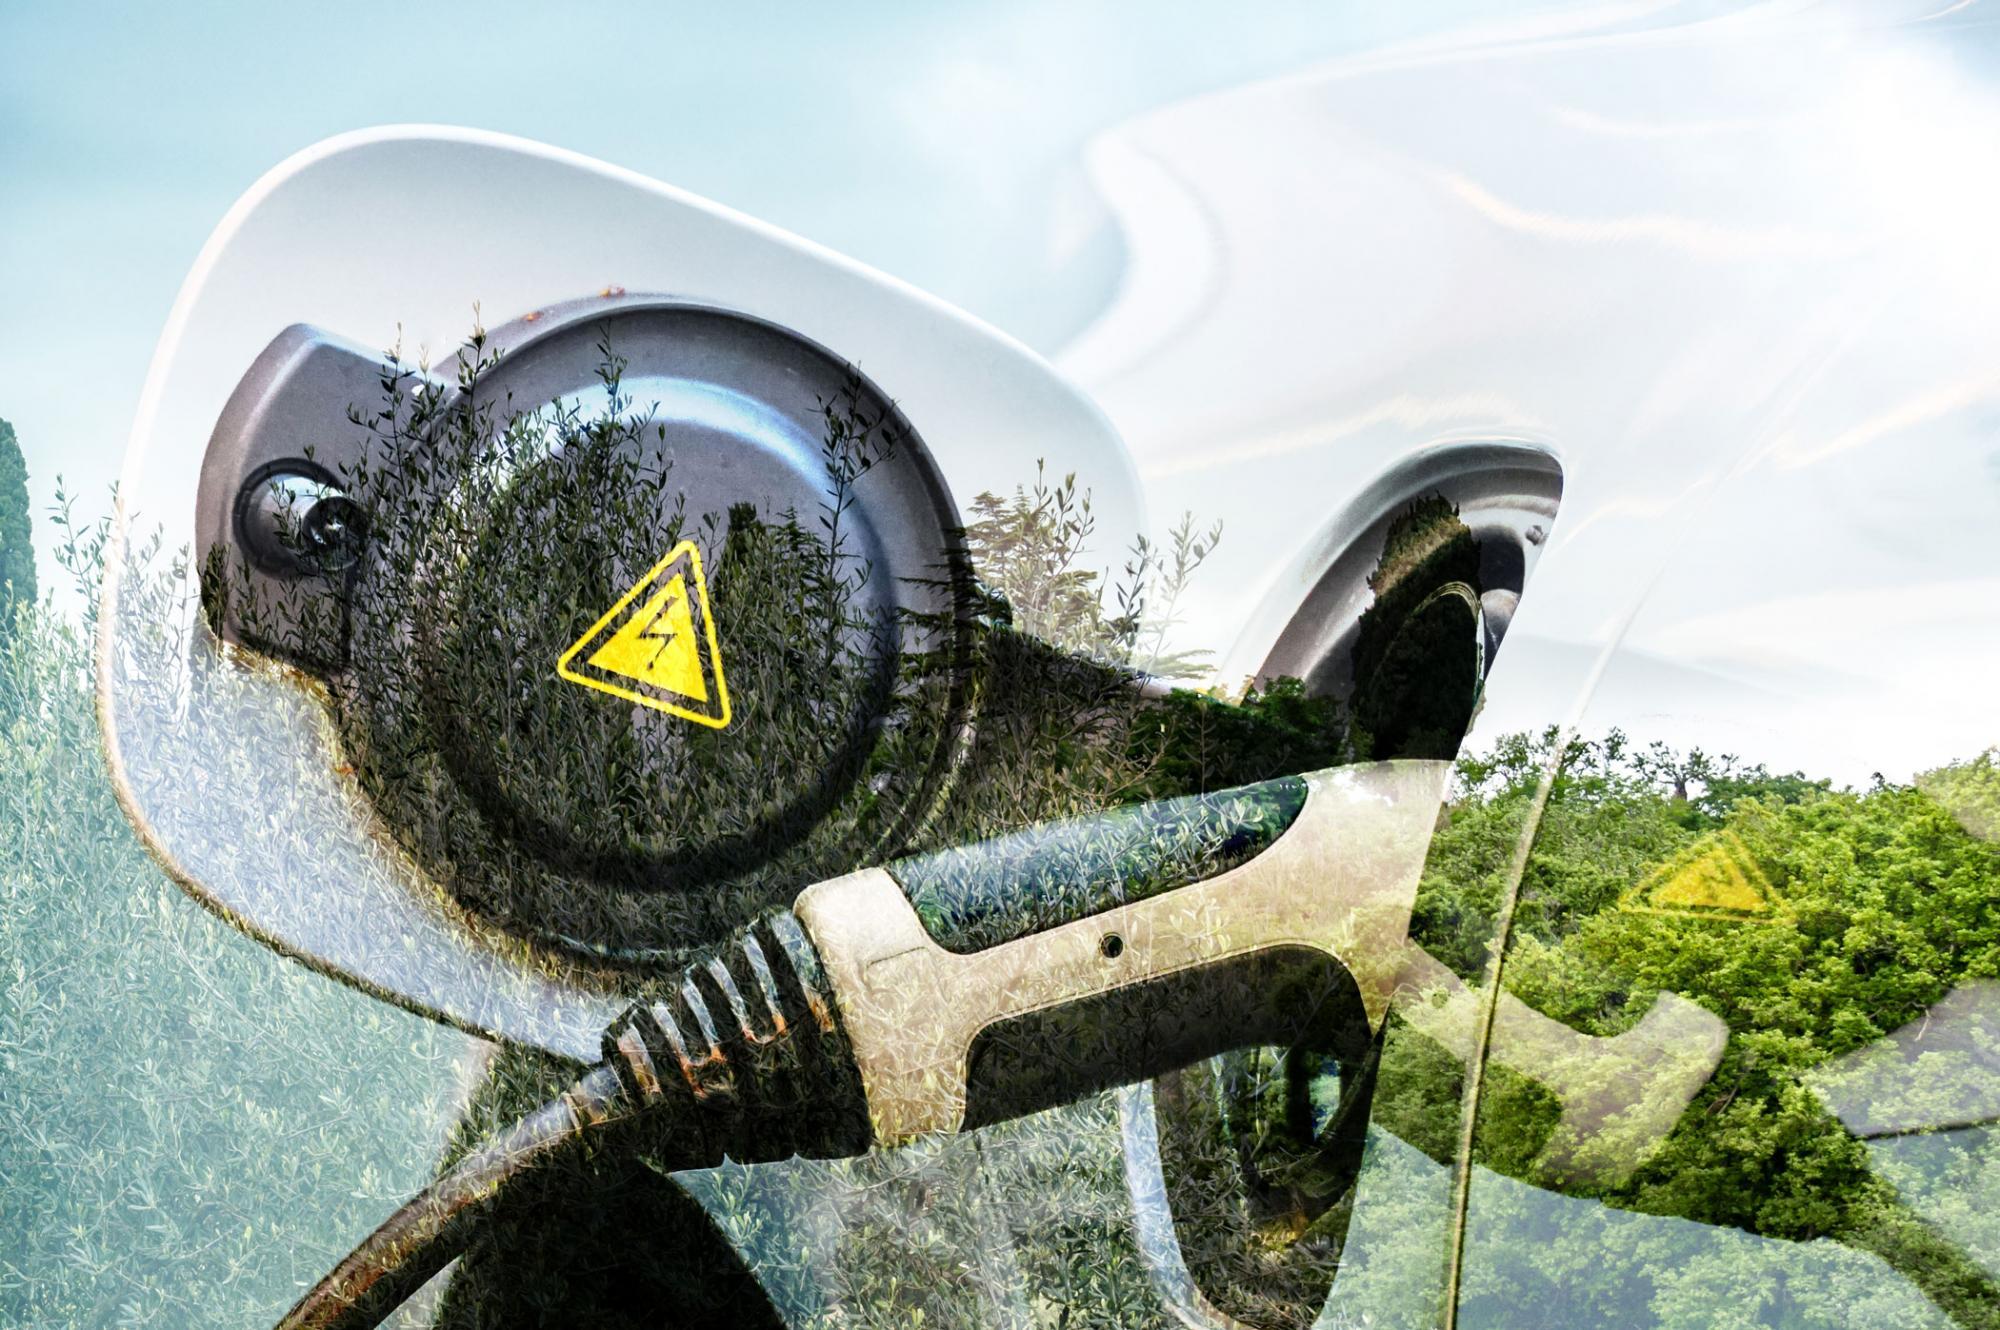 Voll-Hybrid, Mild-Hybrid oder Plug-In? Das sind die Unterschiede